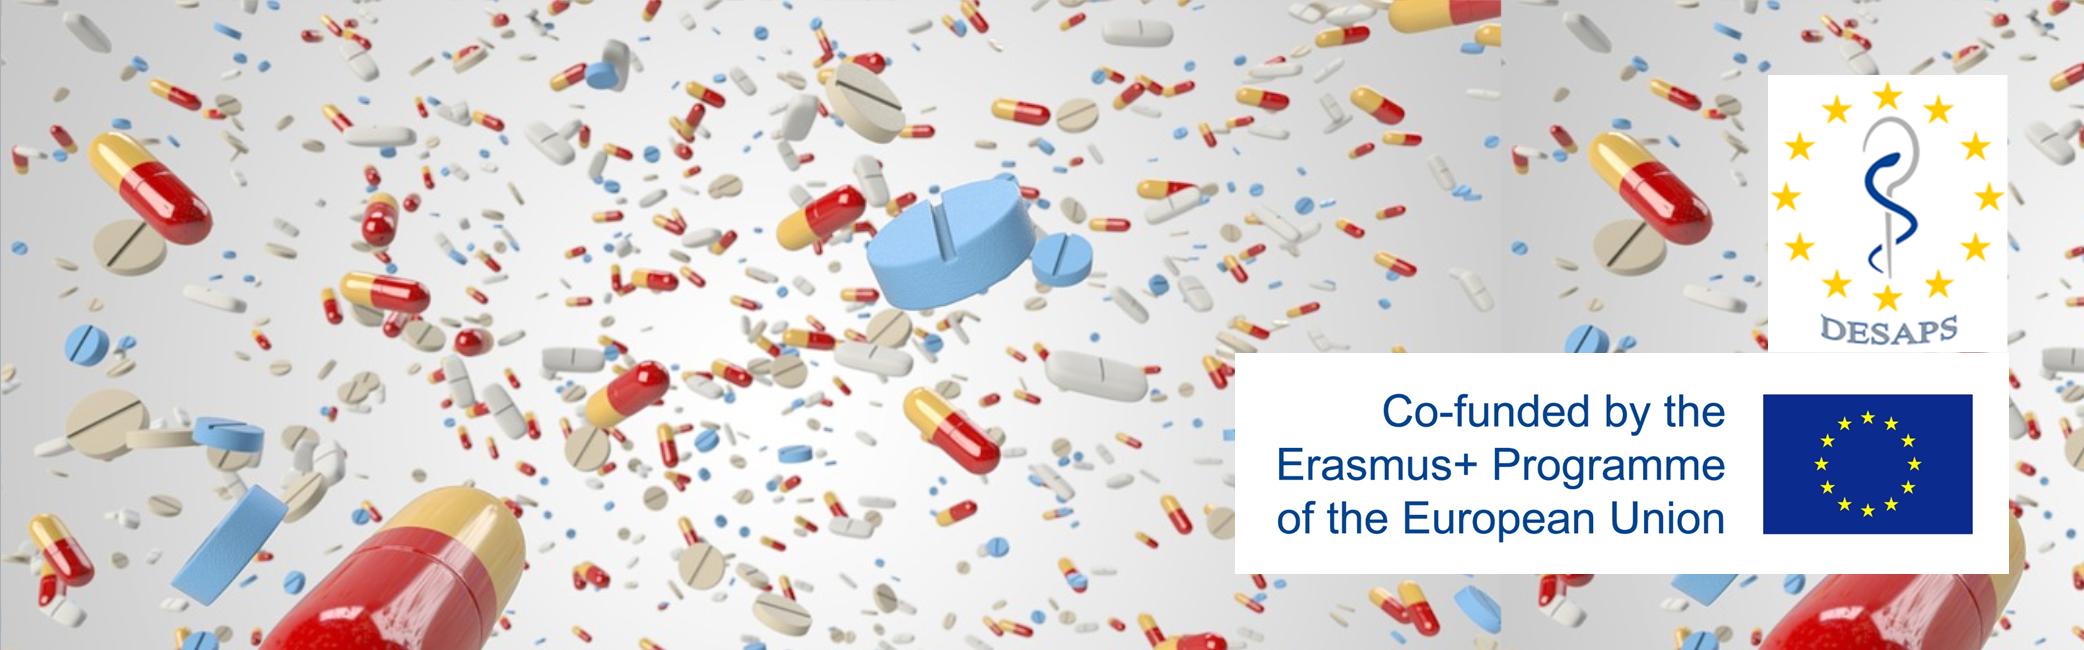 BA Journées Louis Dubouis Les nouveaux enjeux de la politique pharmaceutique de l'Union Européenne : Pour des produits de santé sûrs, innovants et accessibles